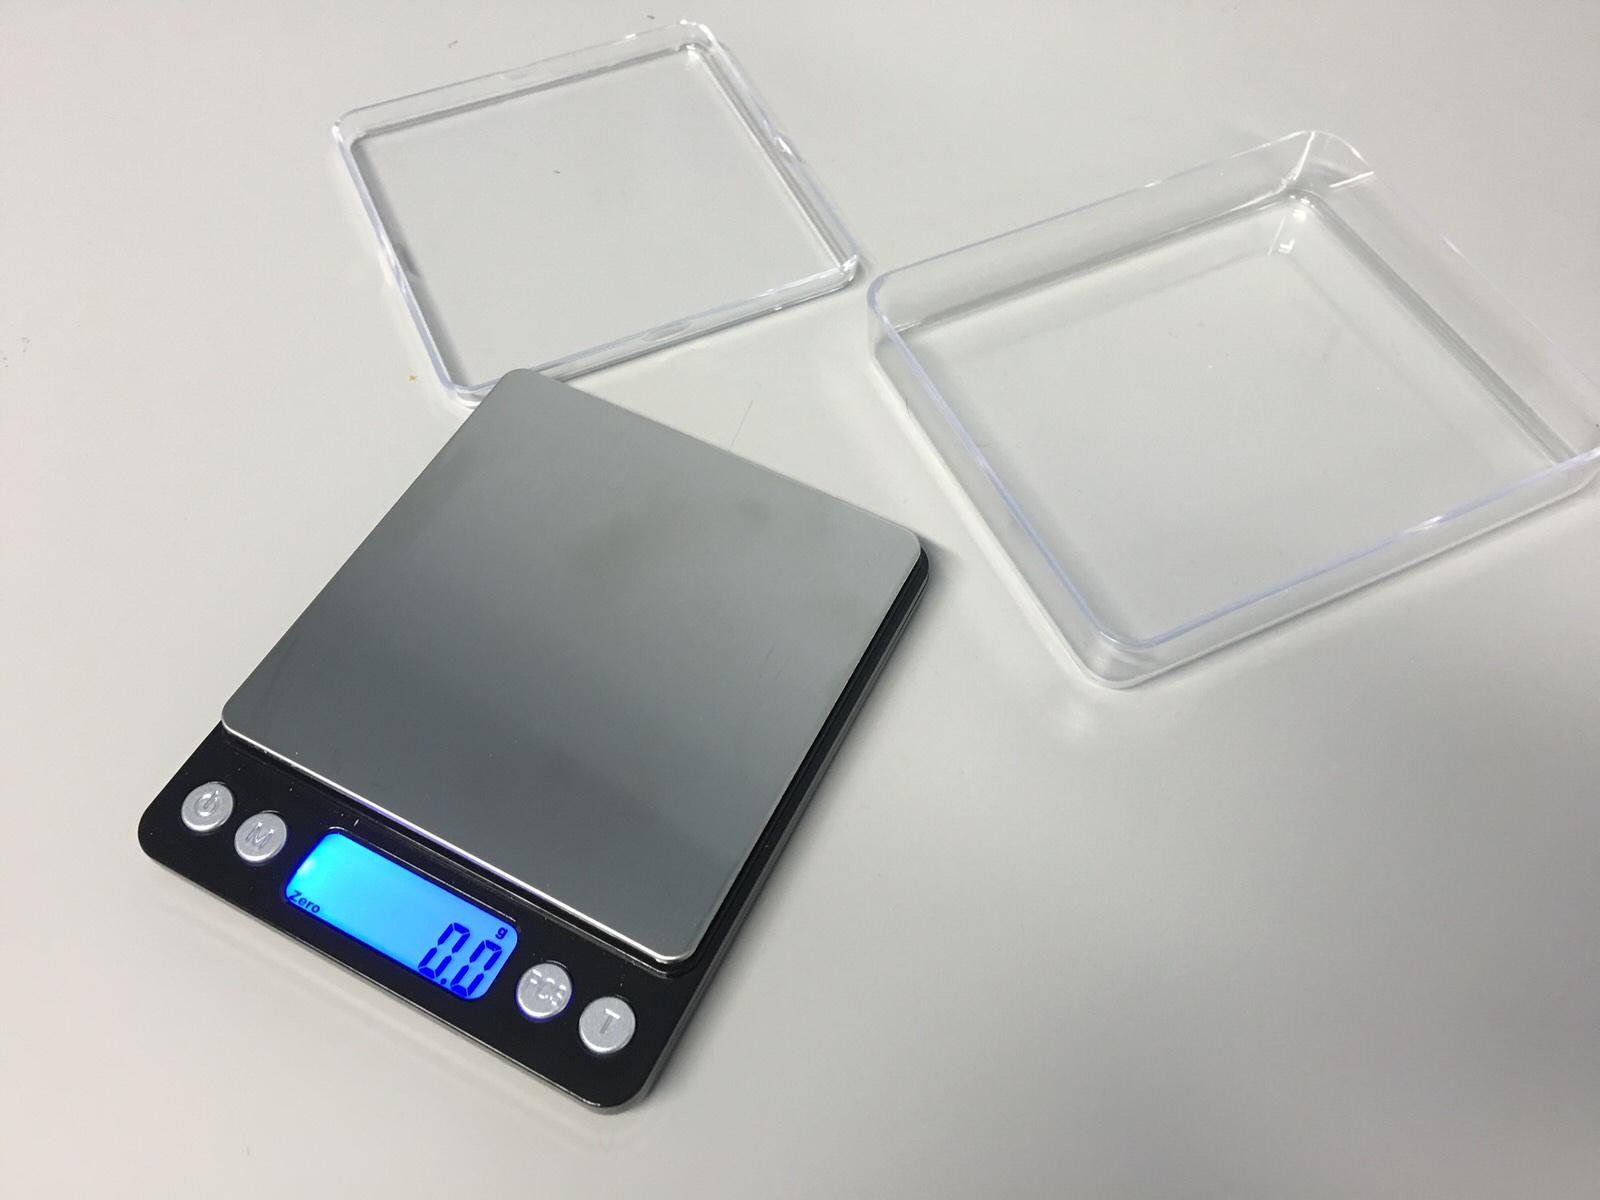 tecnicamente la pesa da cucina oltre alla pesata minima di 01 grammi si distingue per lalimentazione con due batterie aaa non incluse e una